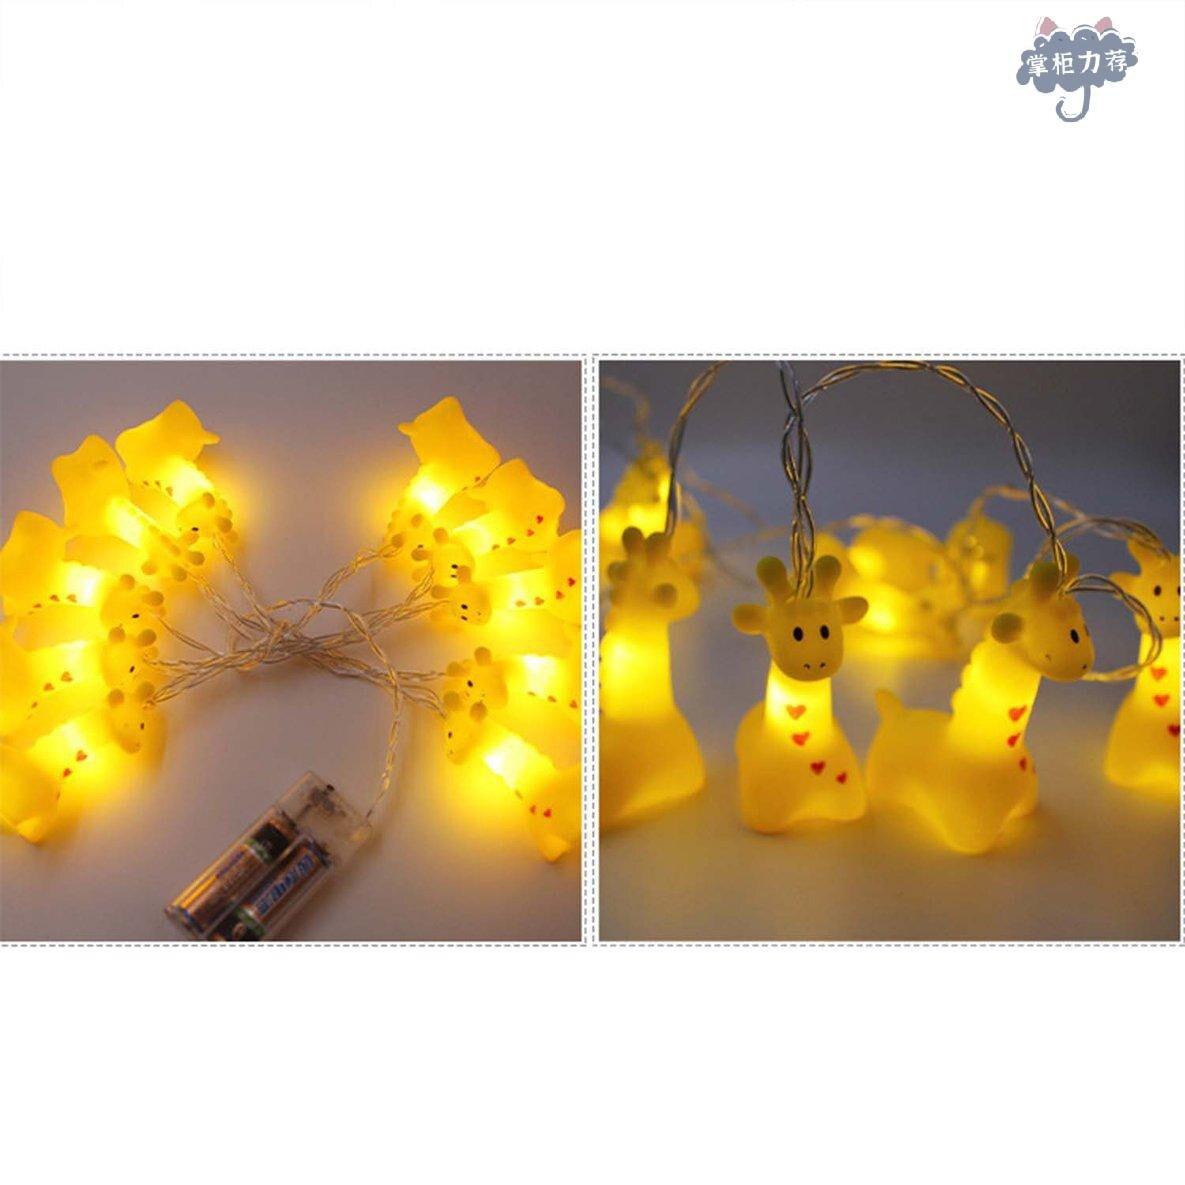 【全館免運】動物燈串南瓜LED星空燈裝飾燈LED動物 呆萌動物造型 裝飾燈串 聖誕裝飾